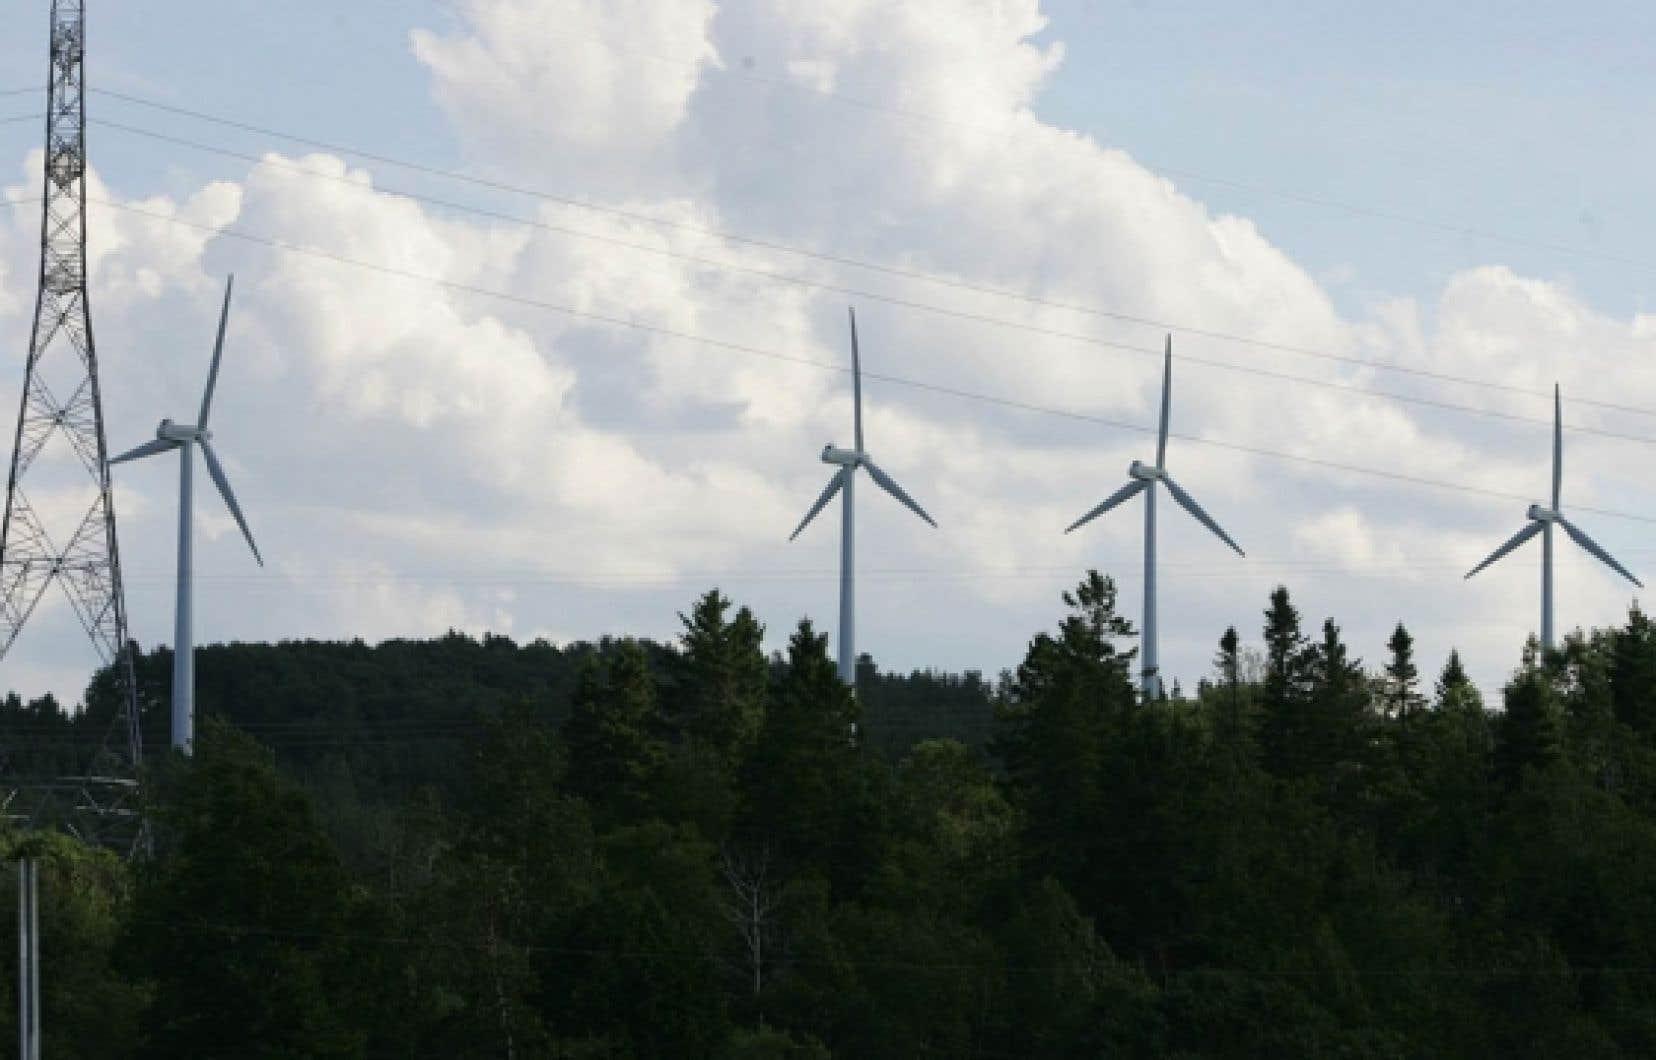 Trouver une nouvelle façon de construire et d'exploiter les éoliennes: tel est le projet de Coopérative Val-Éo. <br />